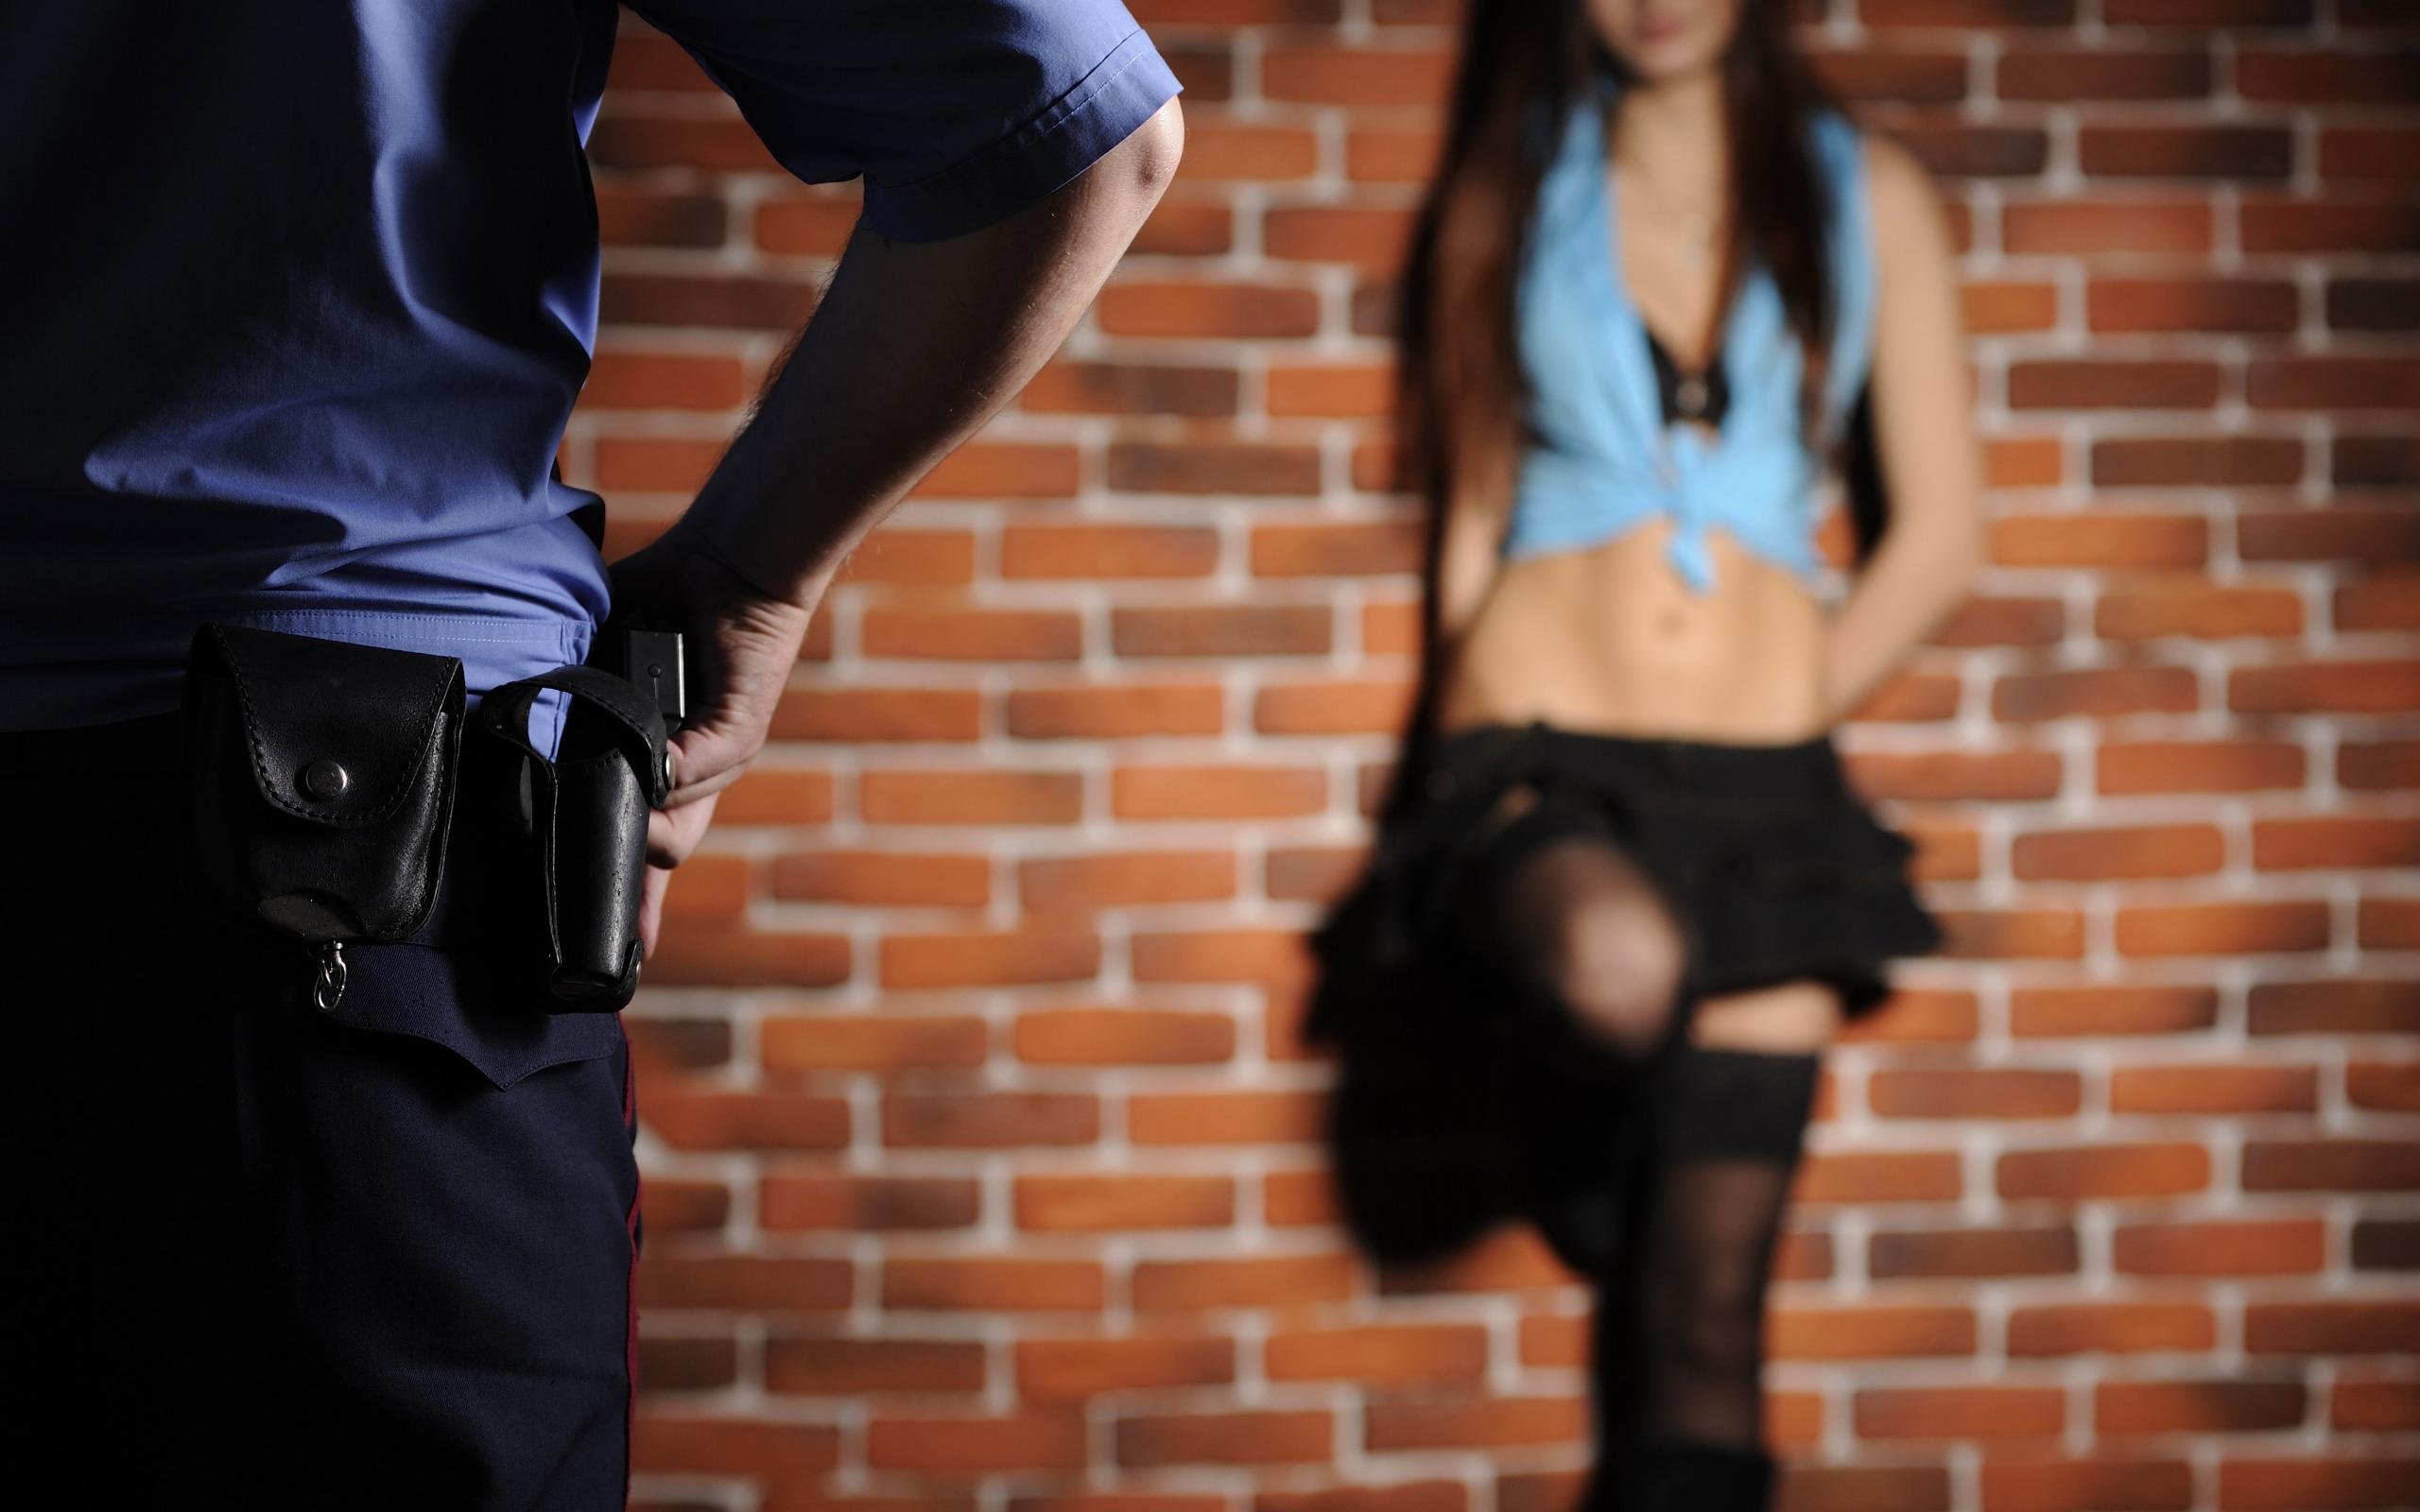 Проститутка полиция фото снять проститутку в батайске